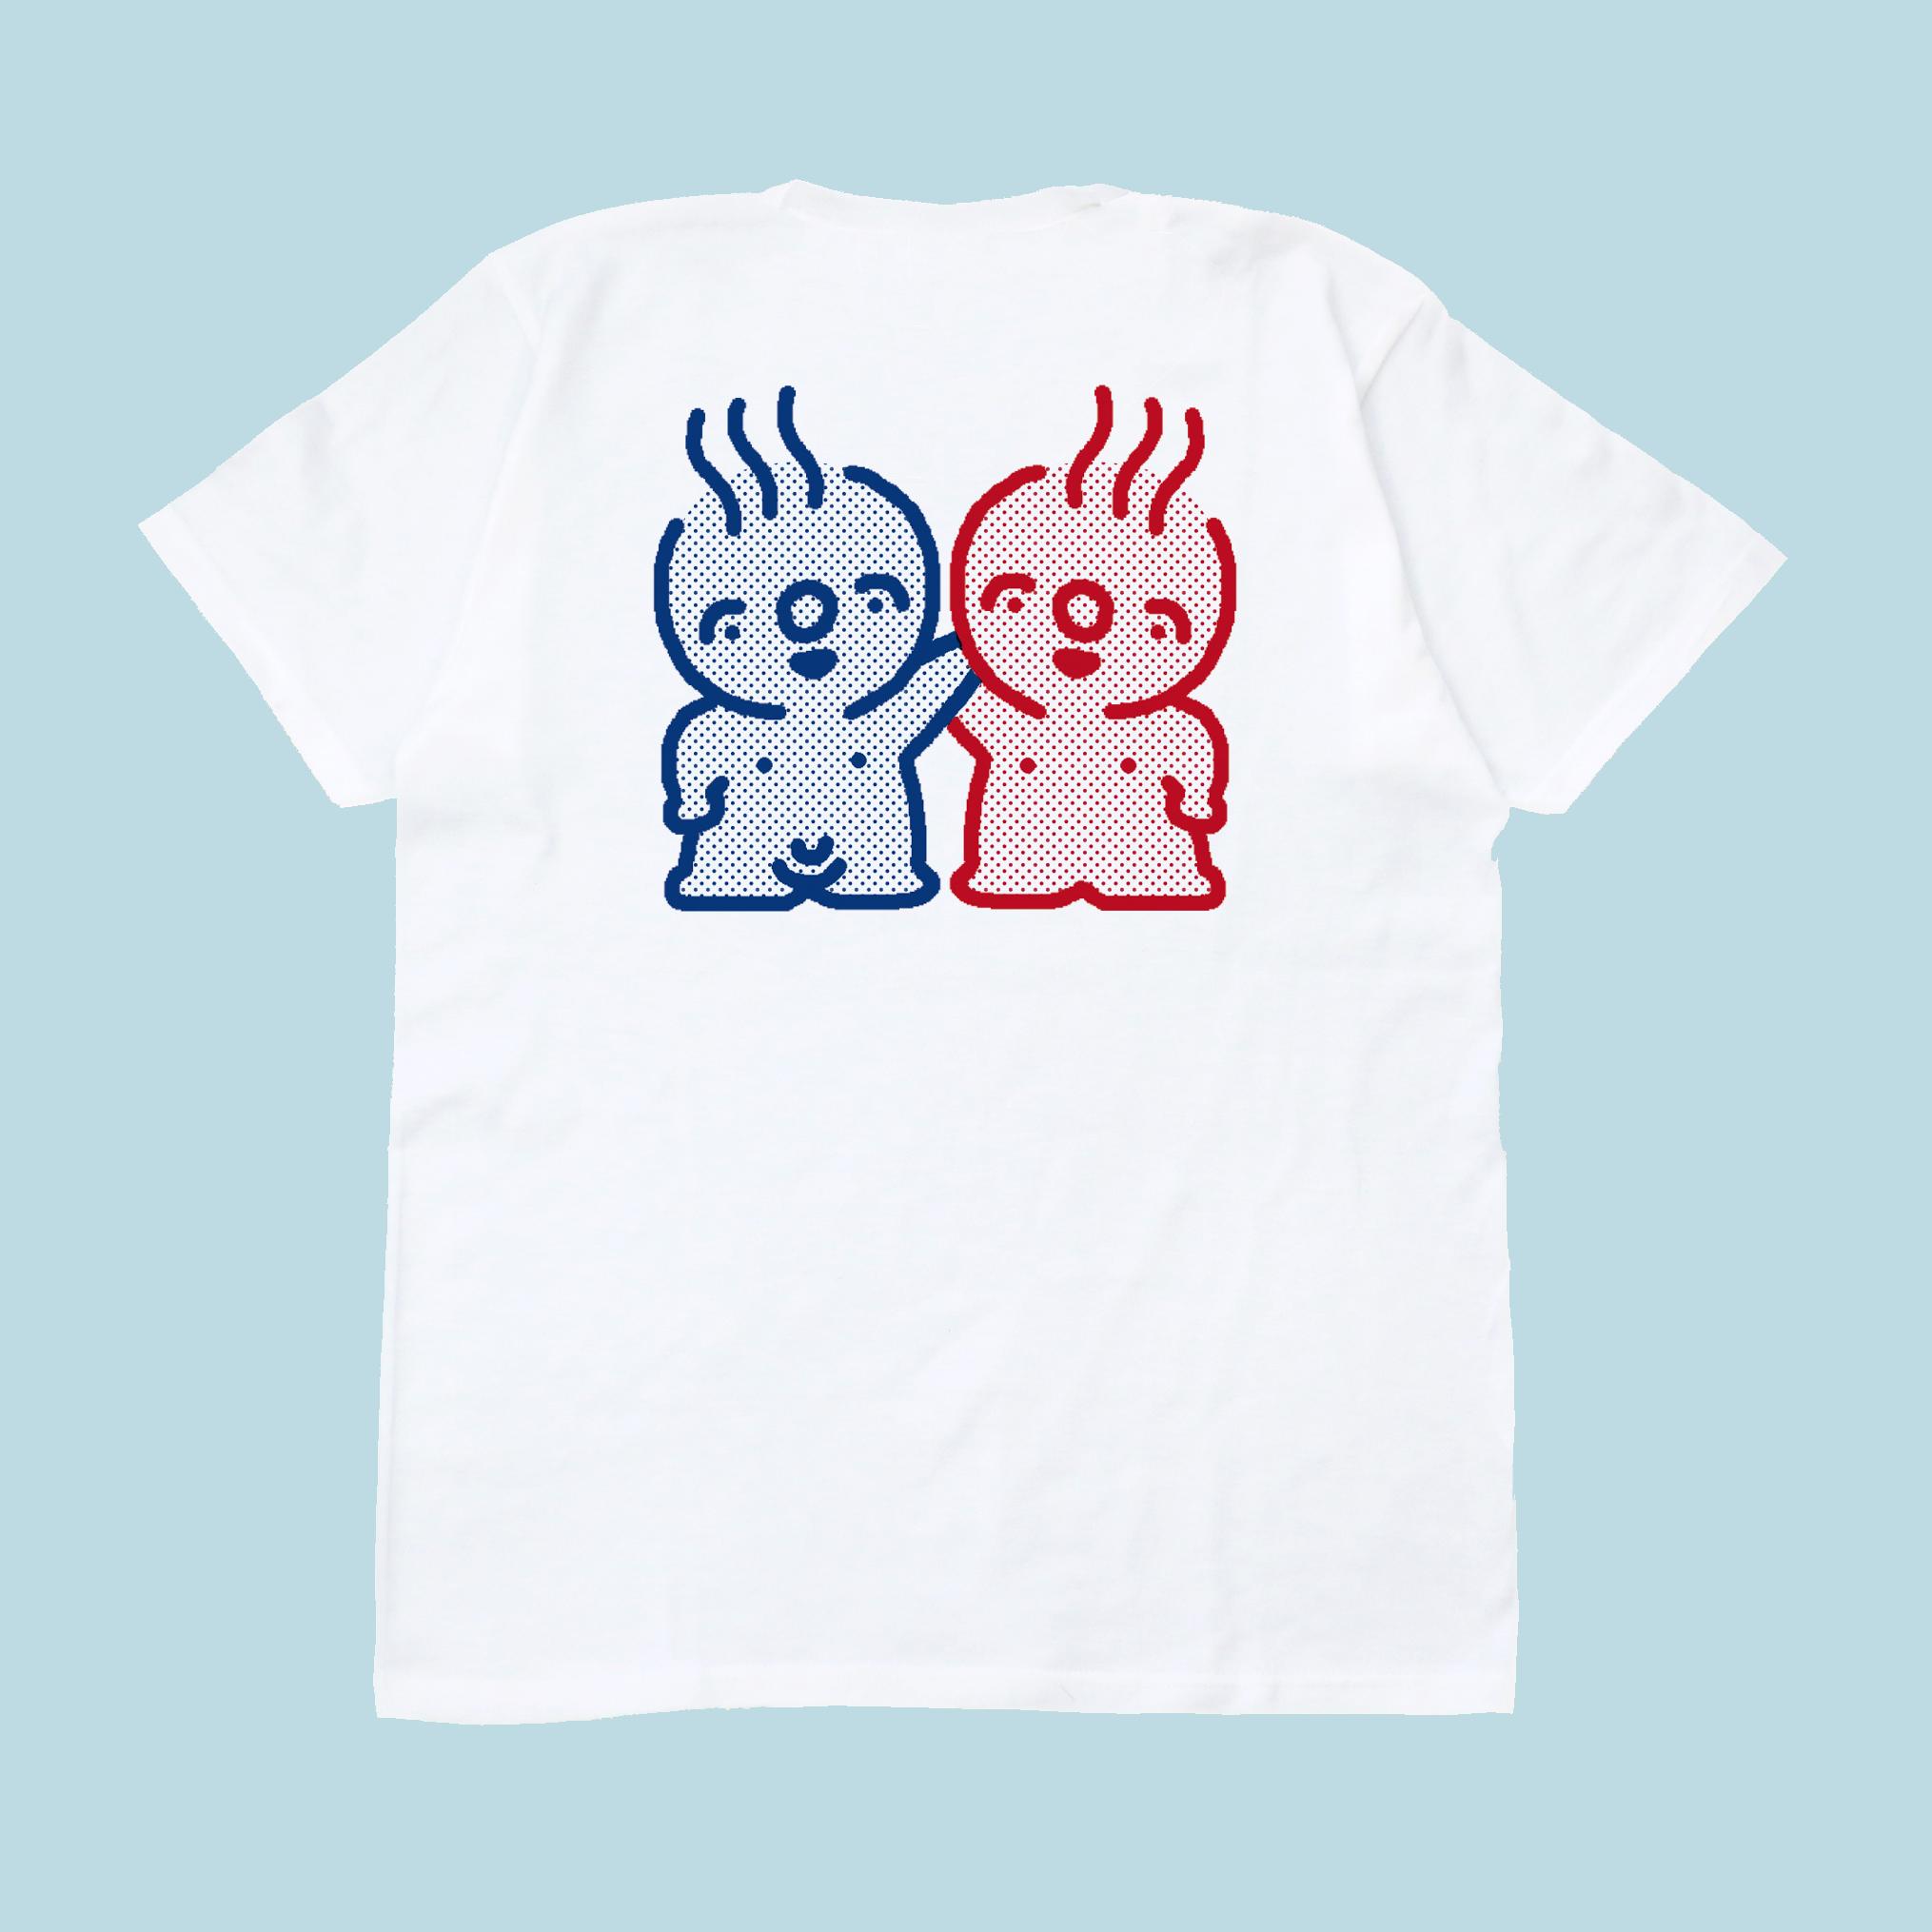 おふろくんおふろちゃん Tシャツ